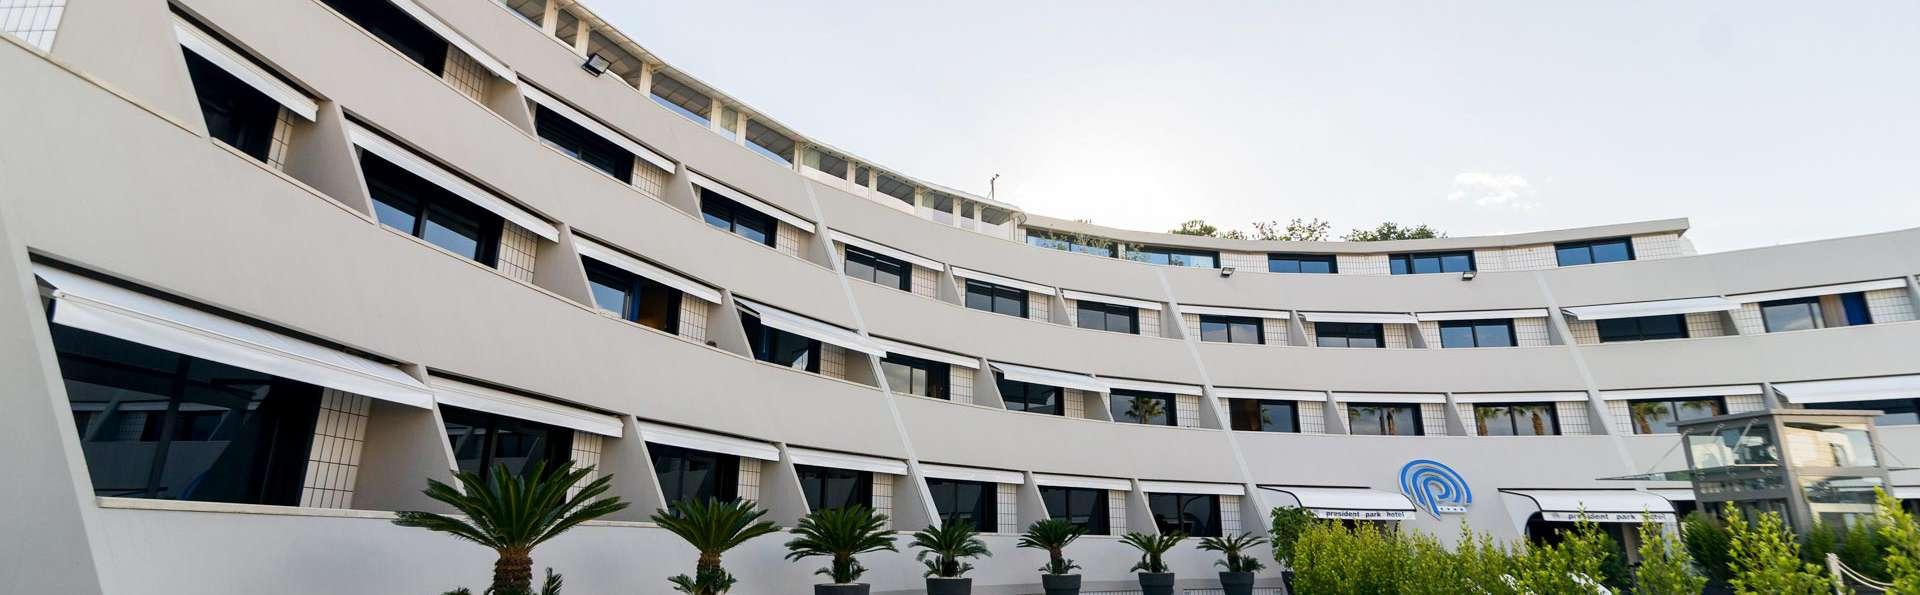 President Park Hotel - EDIT_FRONT_02.jpg